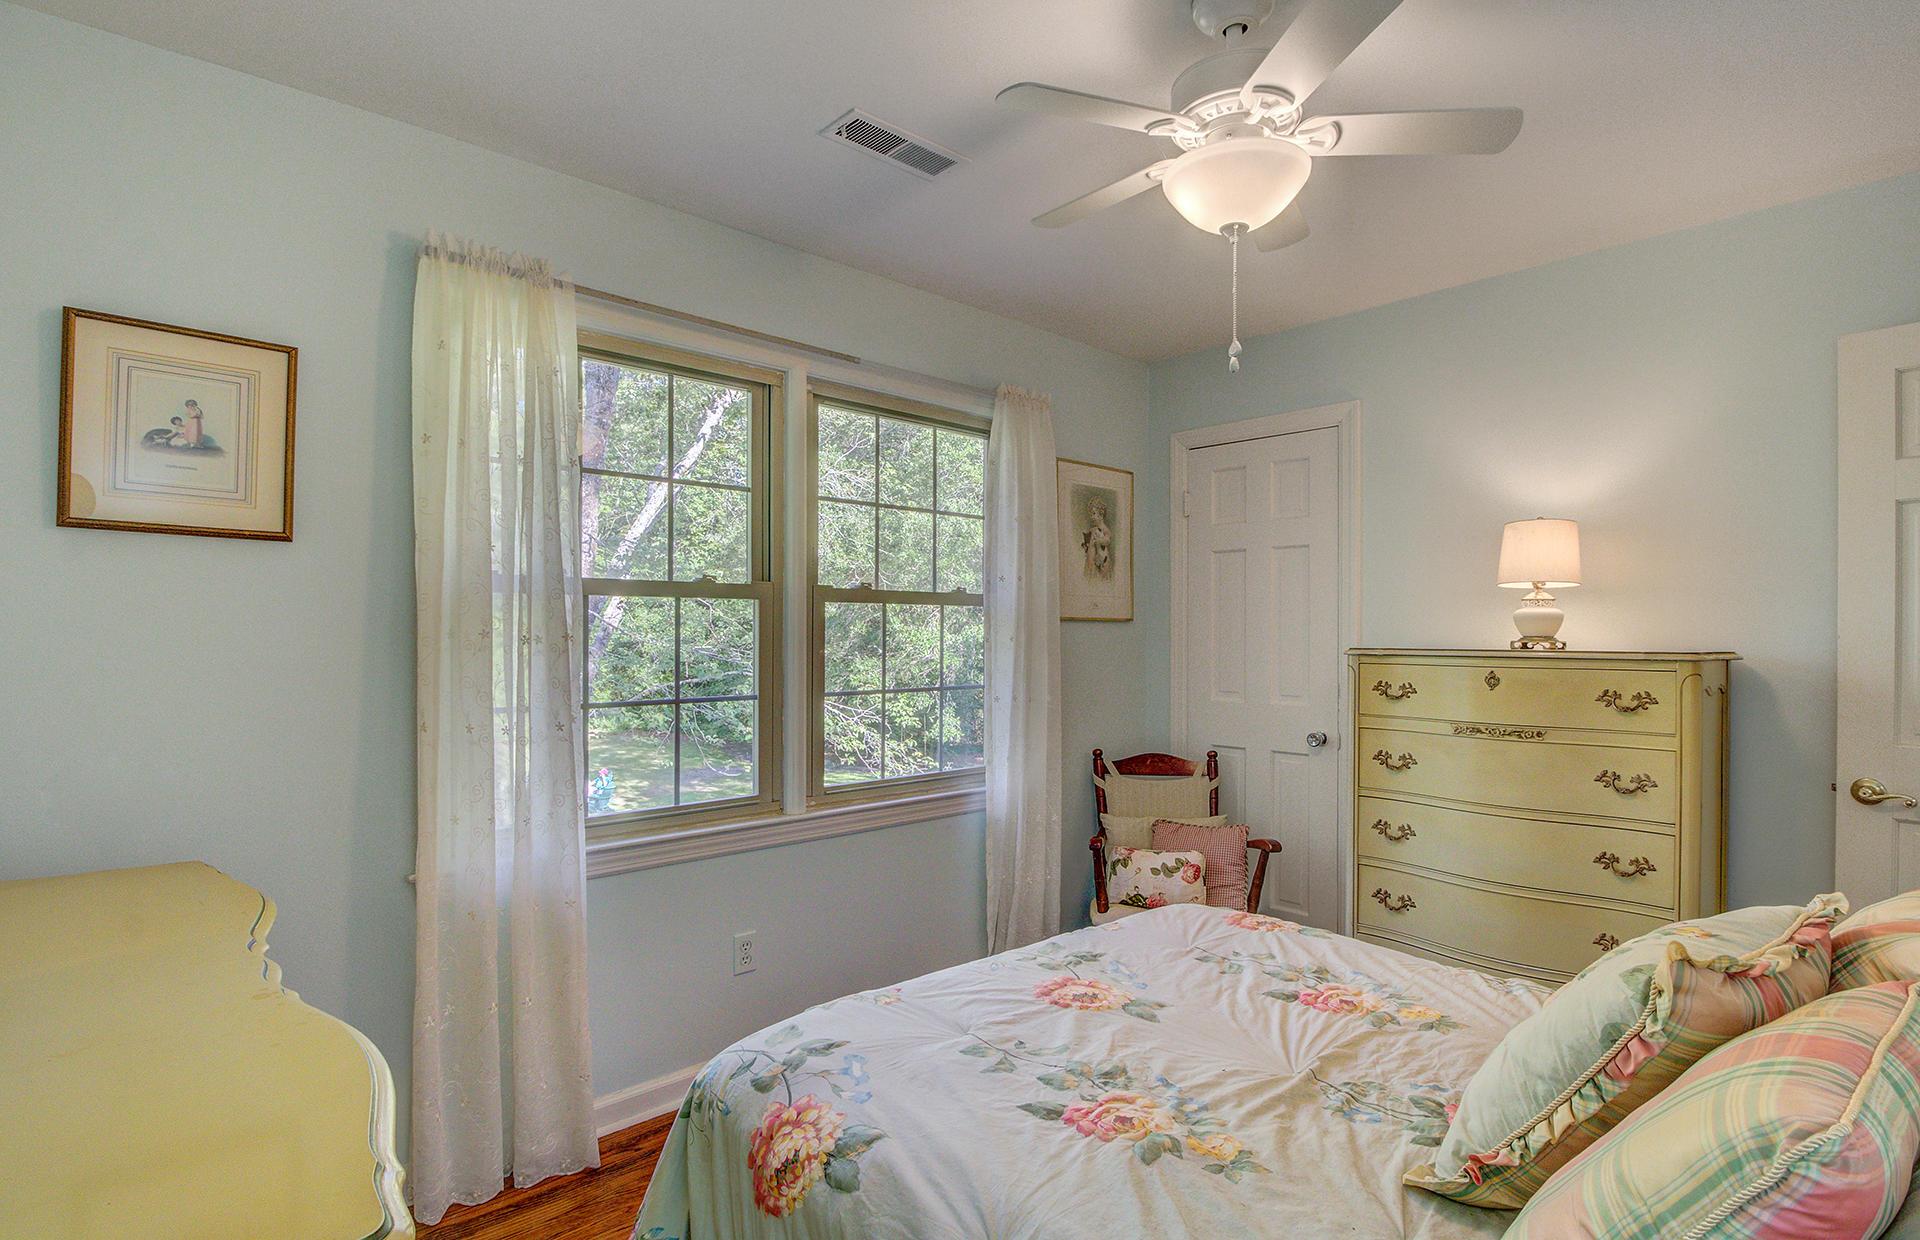 Pine Forest Inn Homes For Sale - 543 Simmons, Summerville, SC - 62